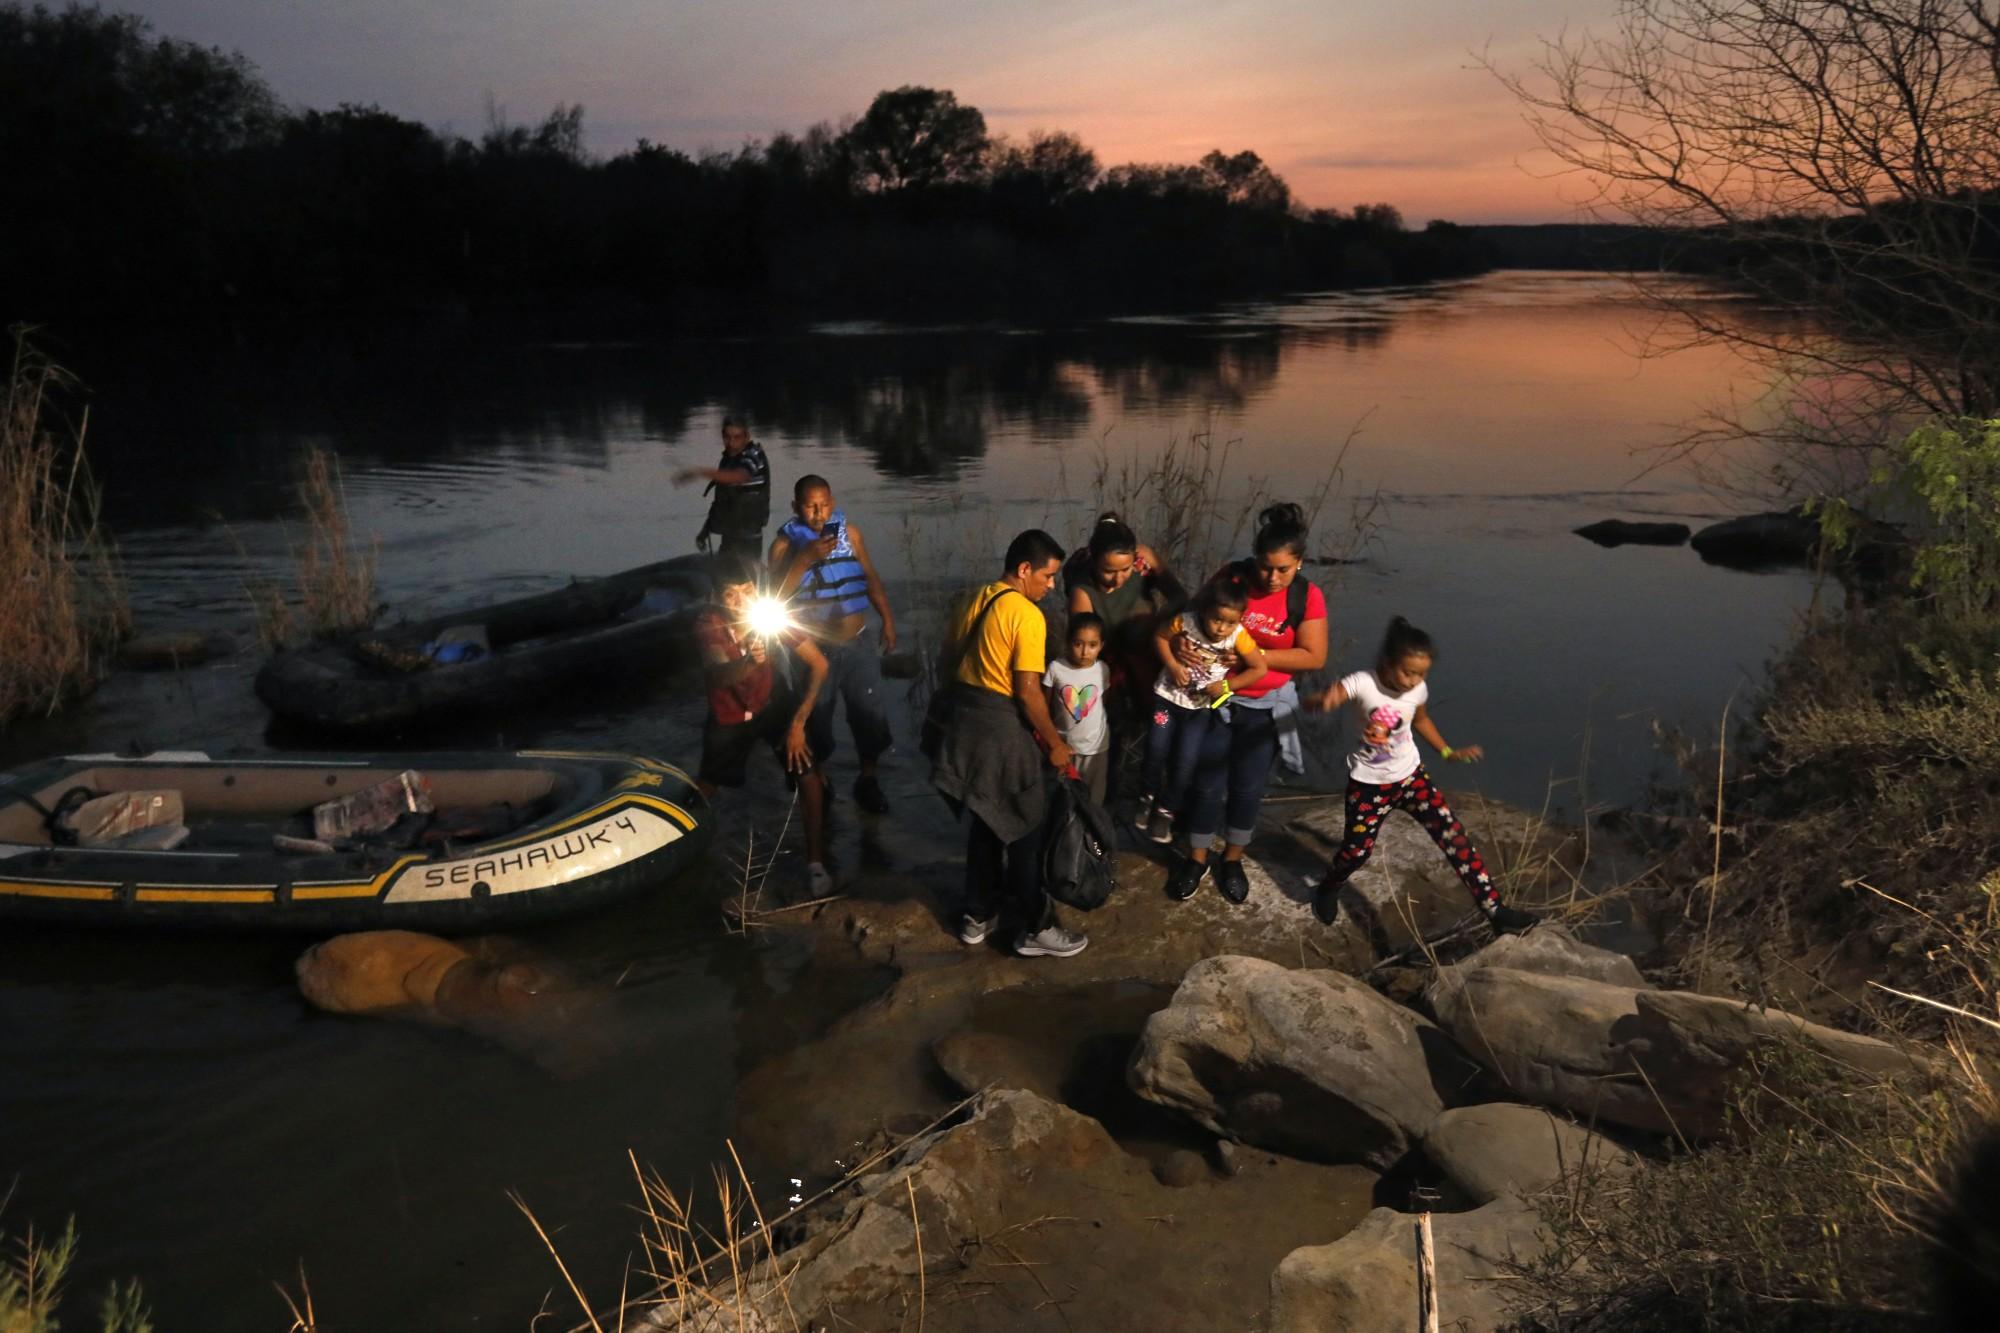 Migrantes: Biden, continuador de Trump Por Gustavo Veiga | Diario Página/12, Argentina